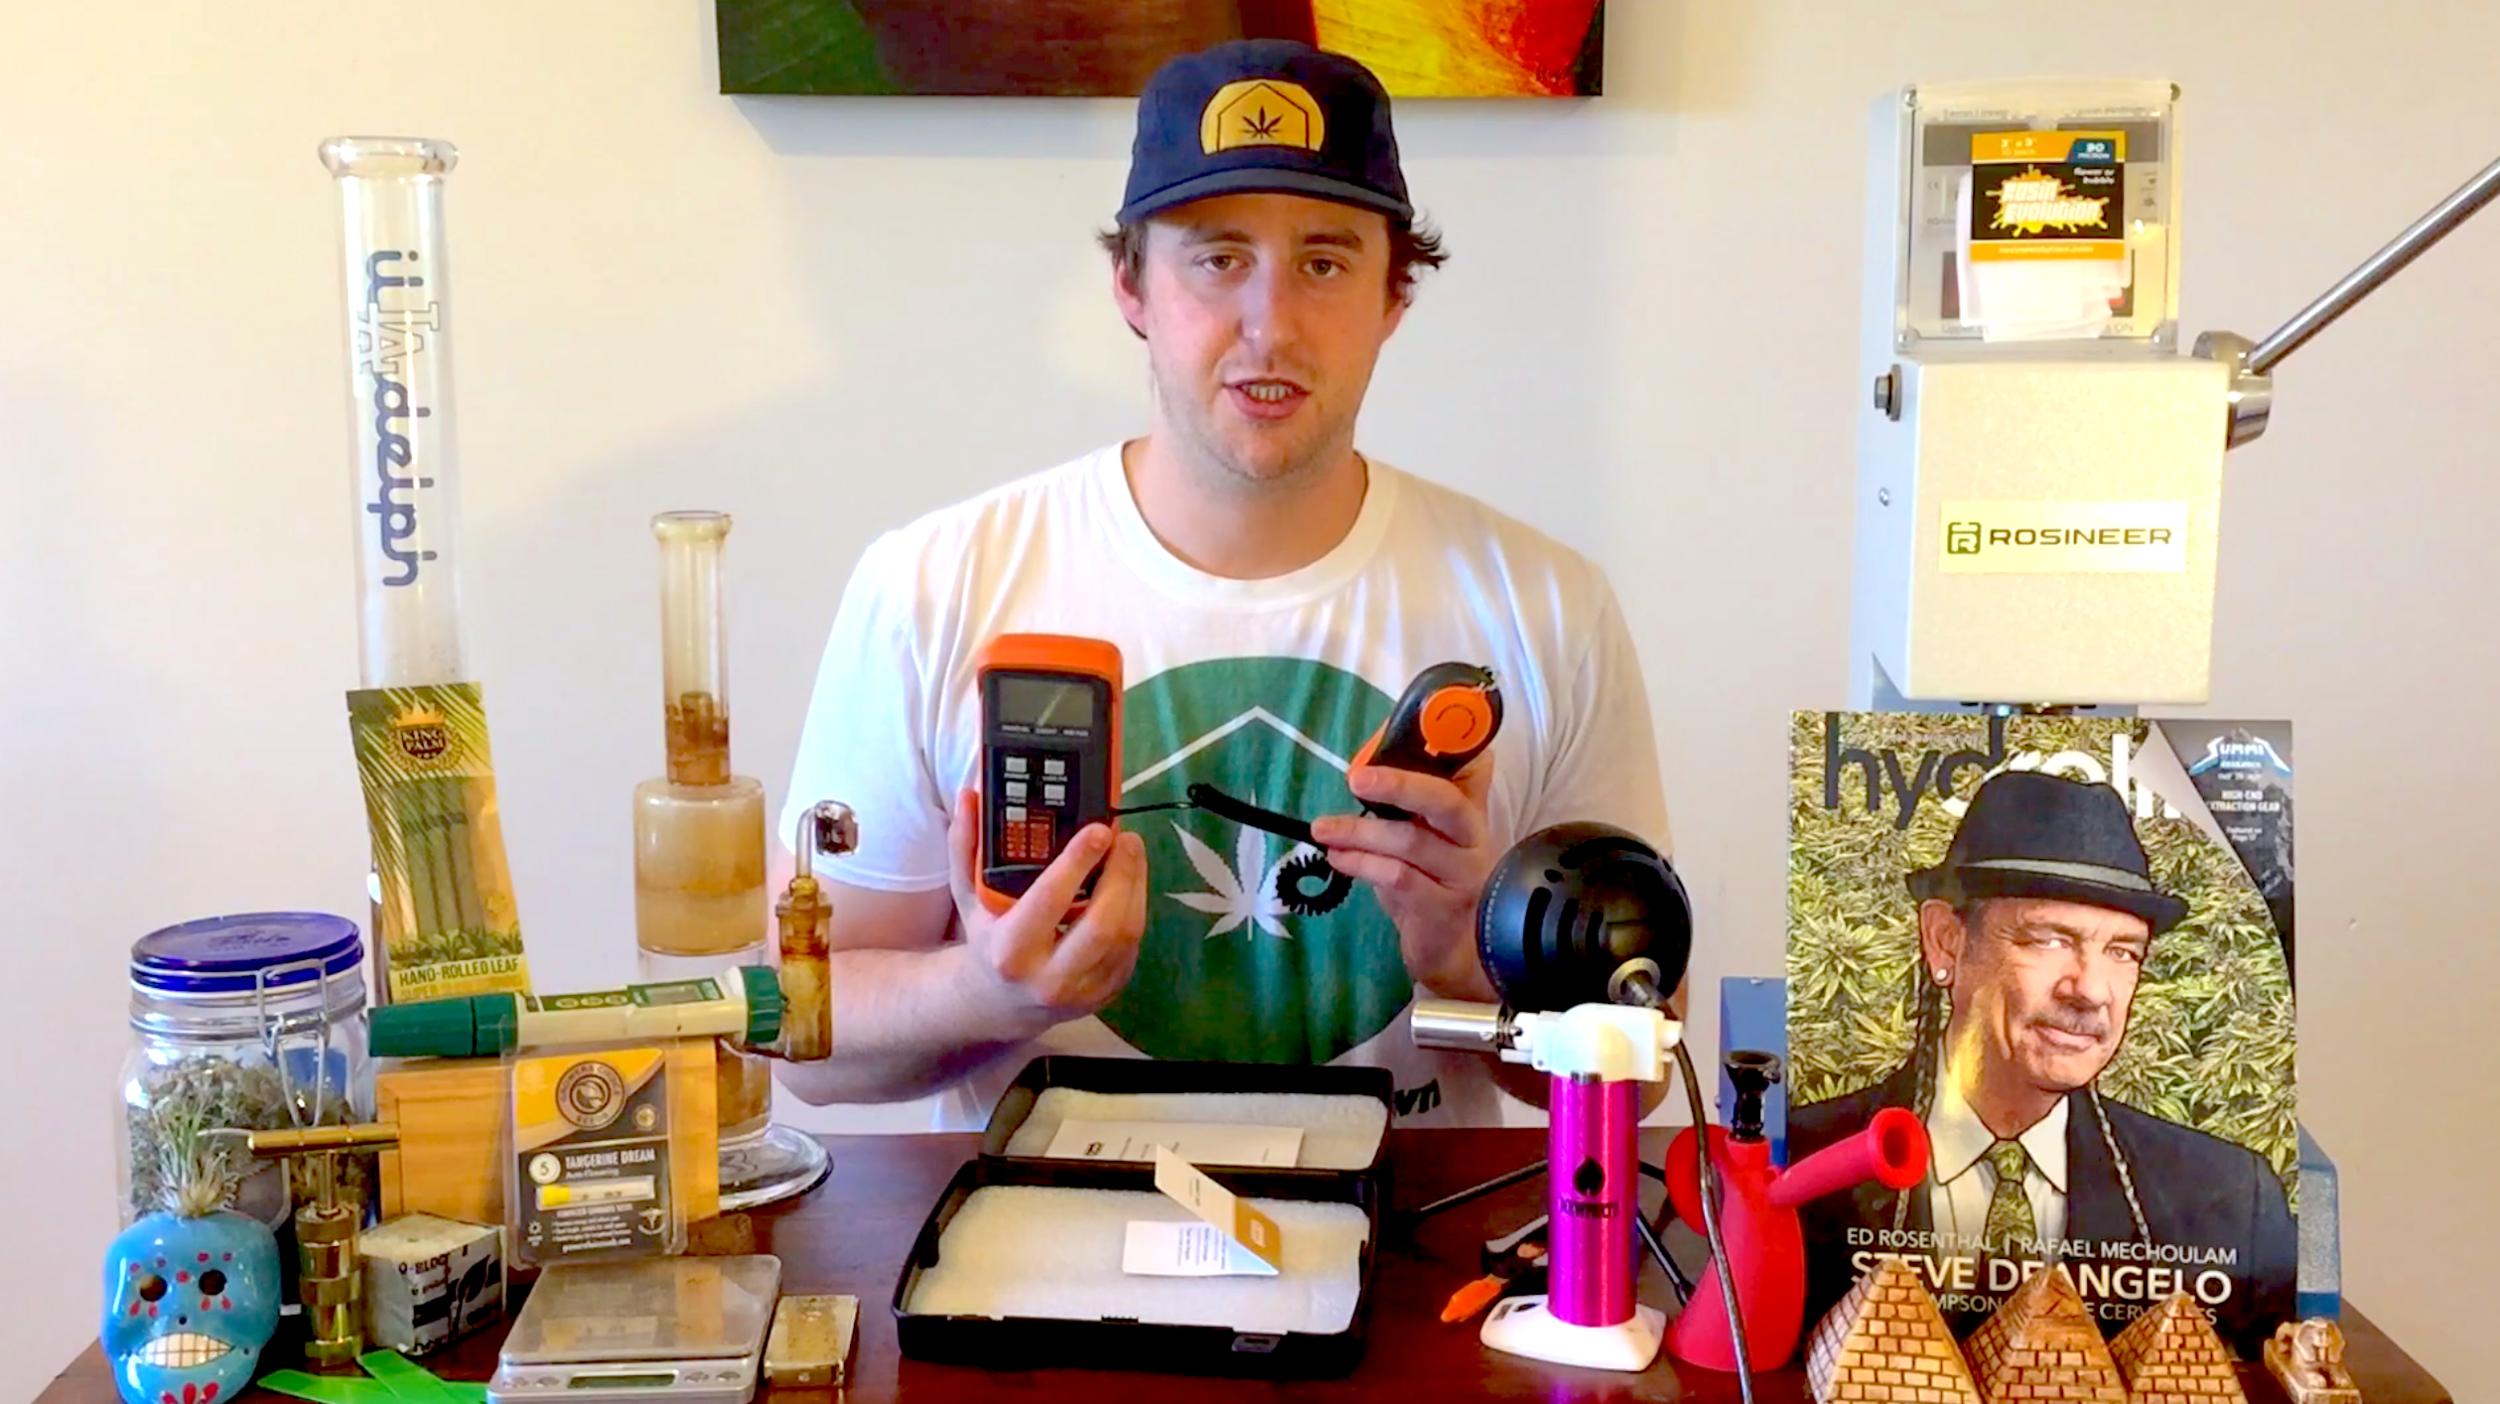 how to grow cannabis easily